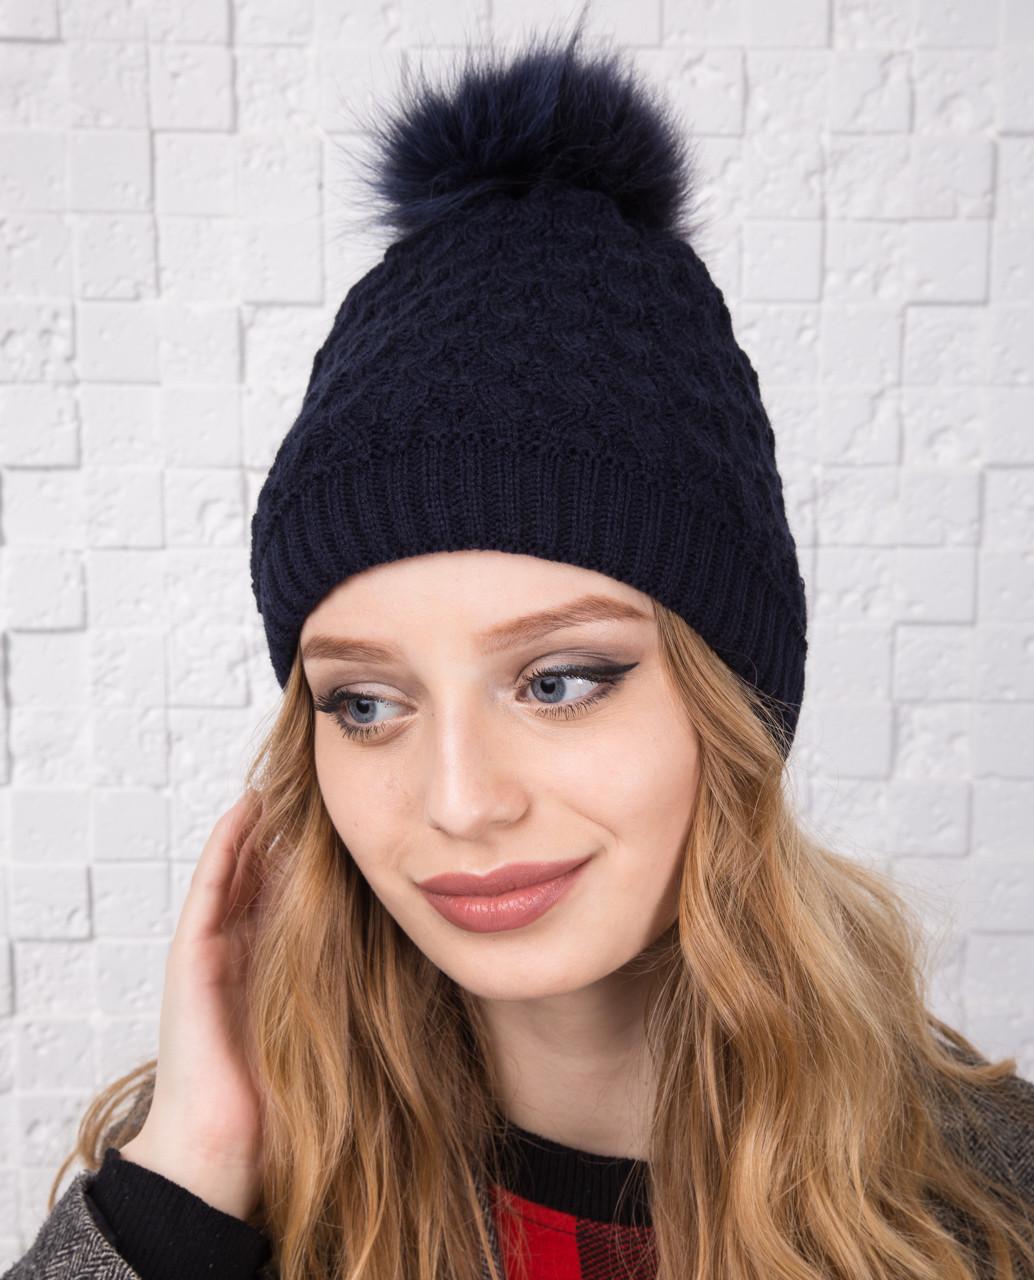 Вязанная женская шапка с меховым помпоном на зиму - Арт 12А (темно-синий)